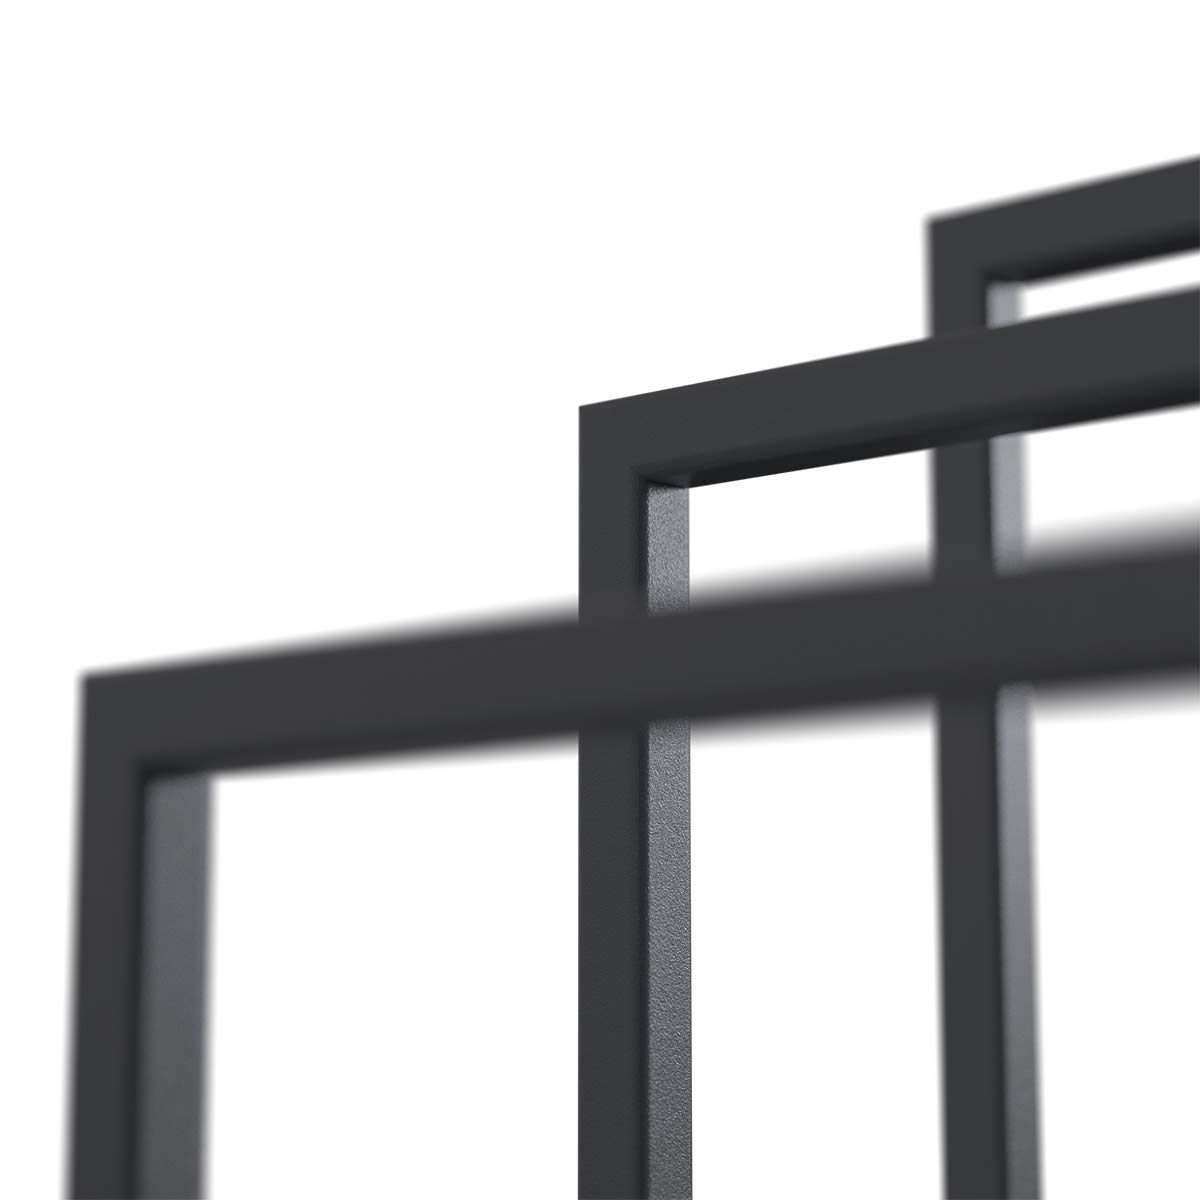 Anthrazitgrau HLMH-02-86-45-7016 HOLZBRINK Metall Handtuchhalter f/ür Badezimmer Kleiderst/änder Freistehender Handtuchst/änder mit 2 Stangen 86x45x30 cm HxBxT